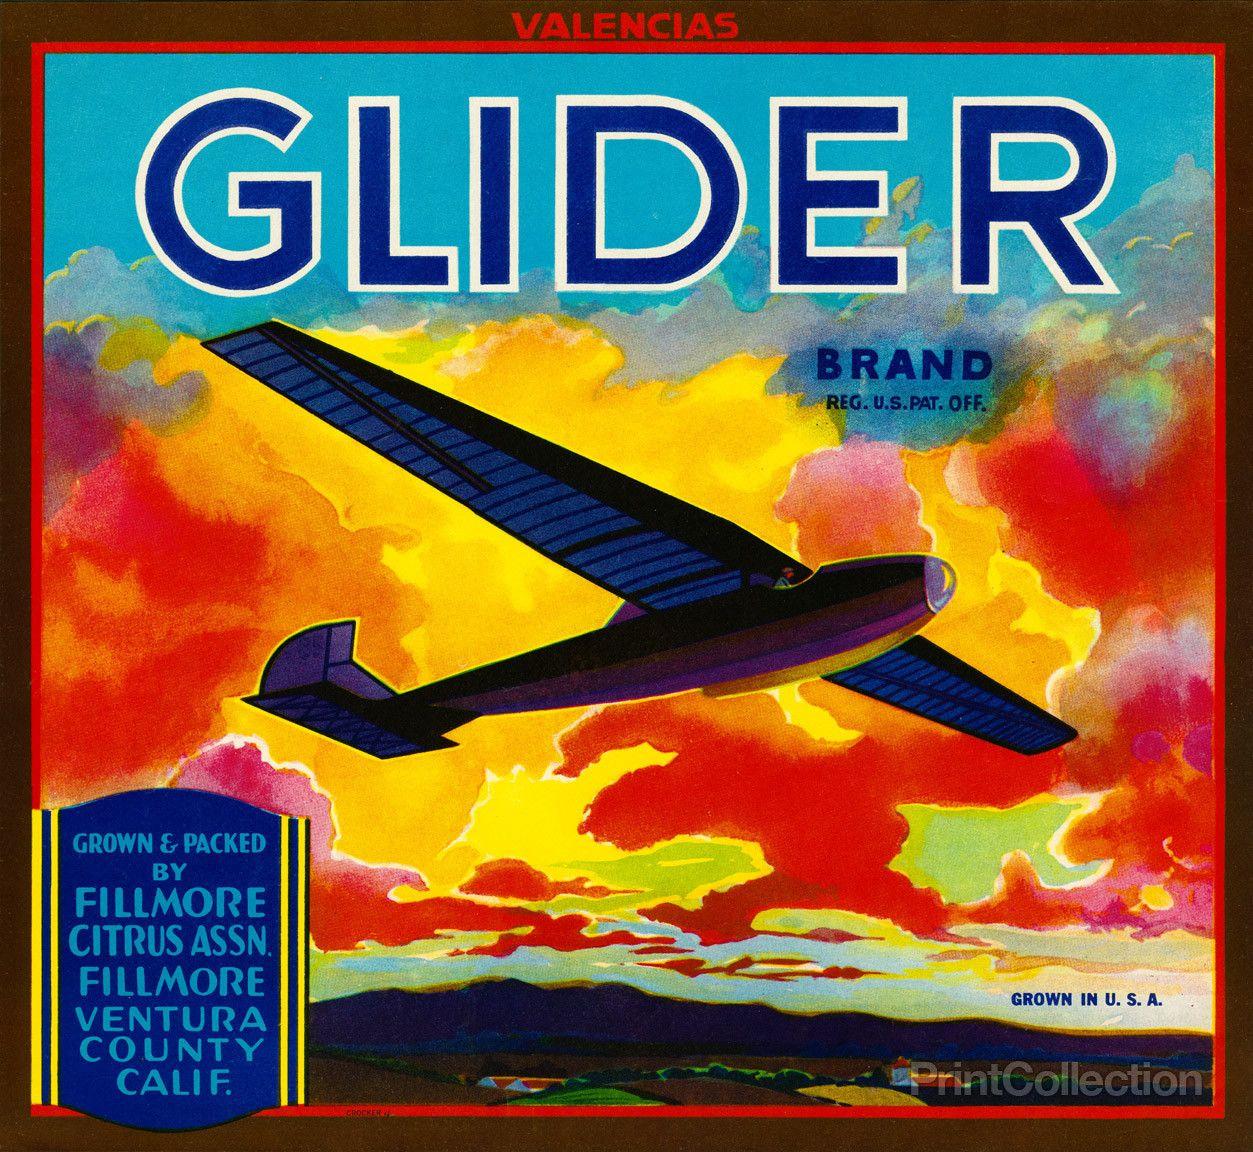 Glider Label